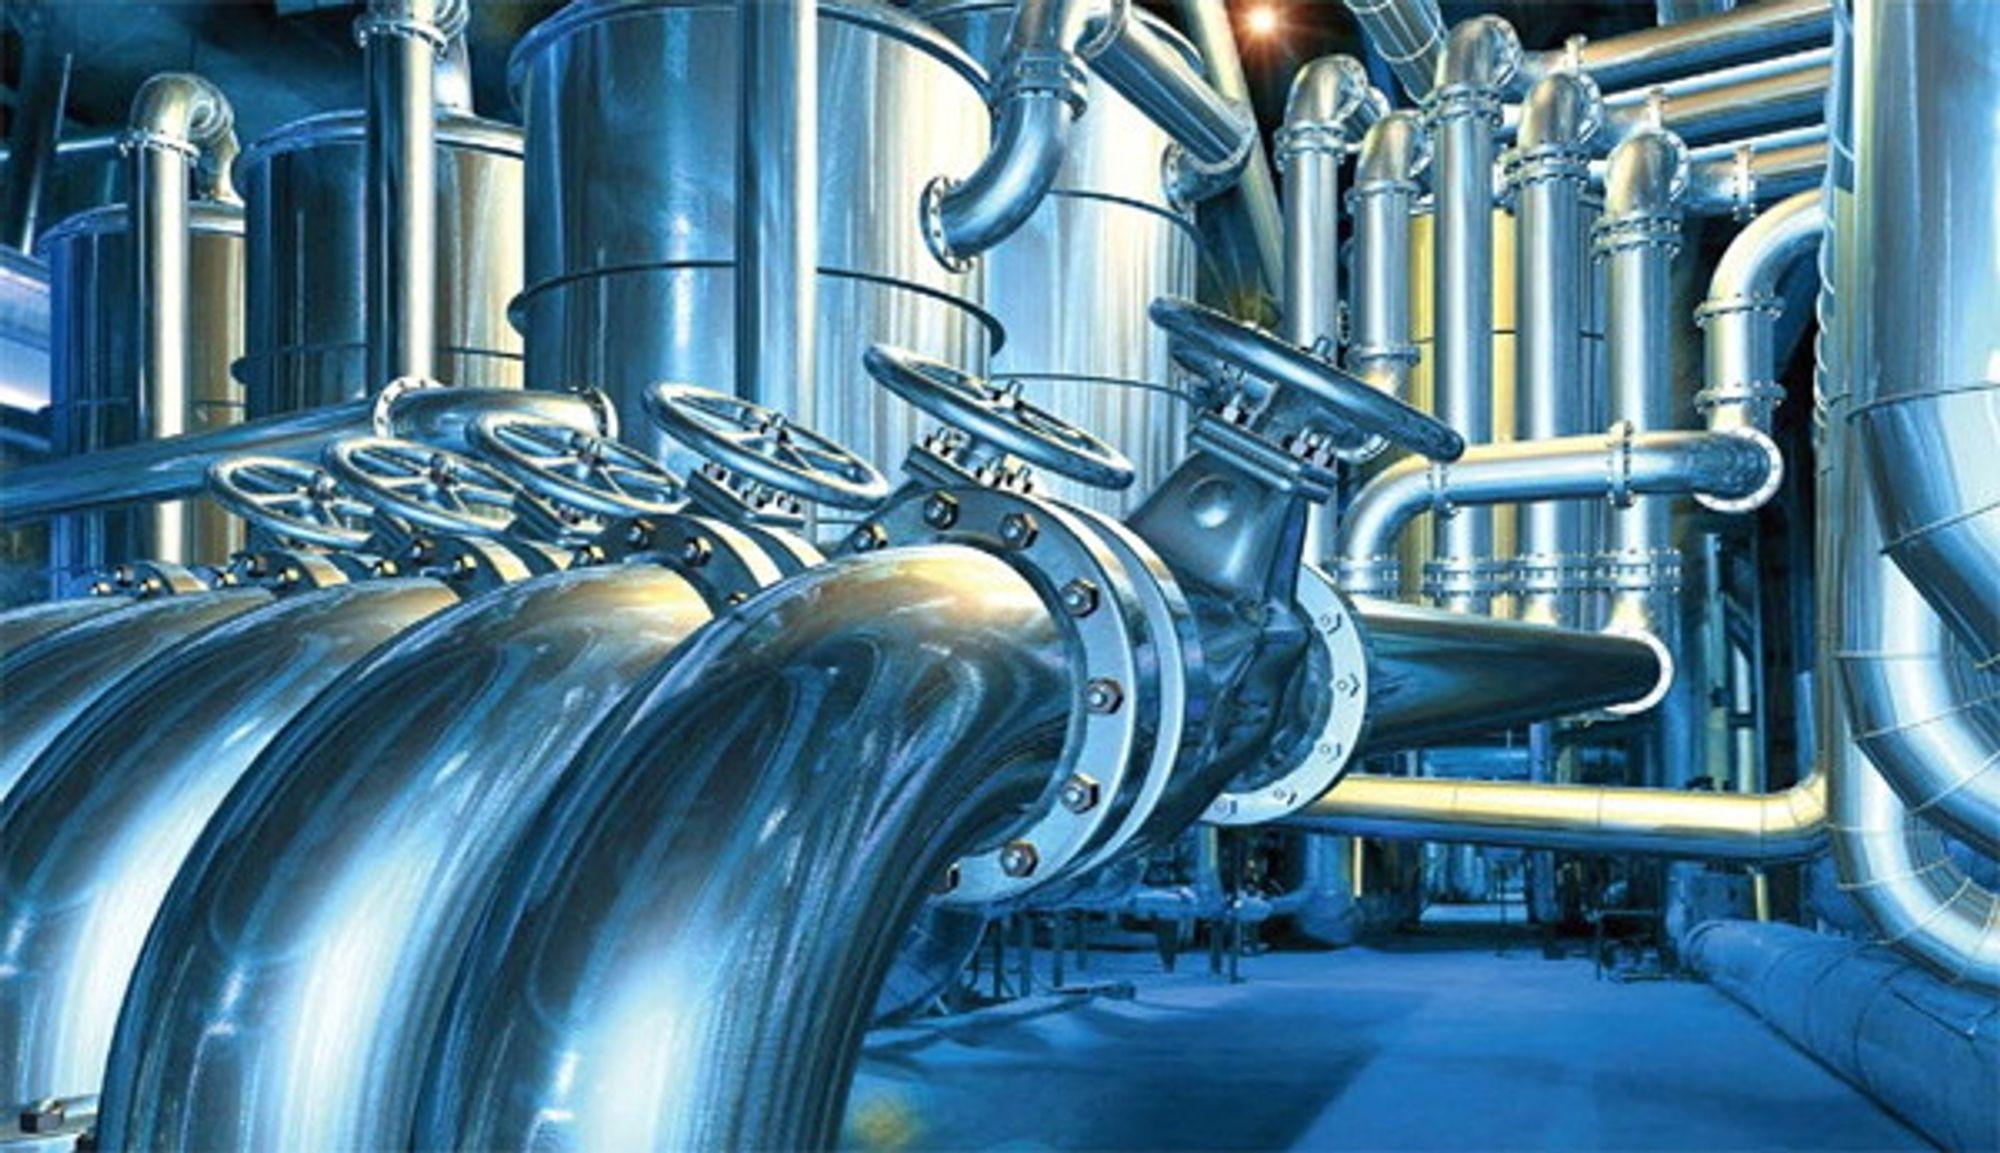 Alle væsker har en viss ledningsevne, selv ultrarent vann. Det må velges sensor for aktuelt måleområde.